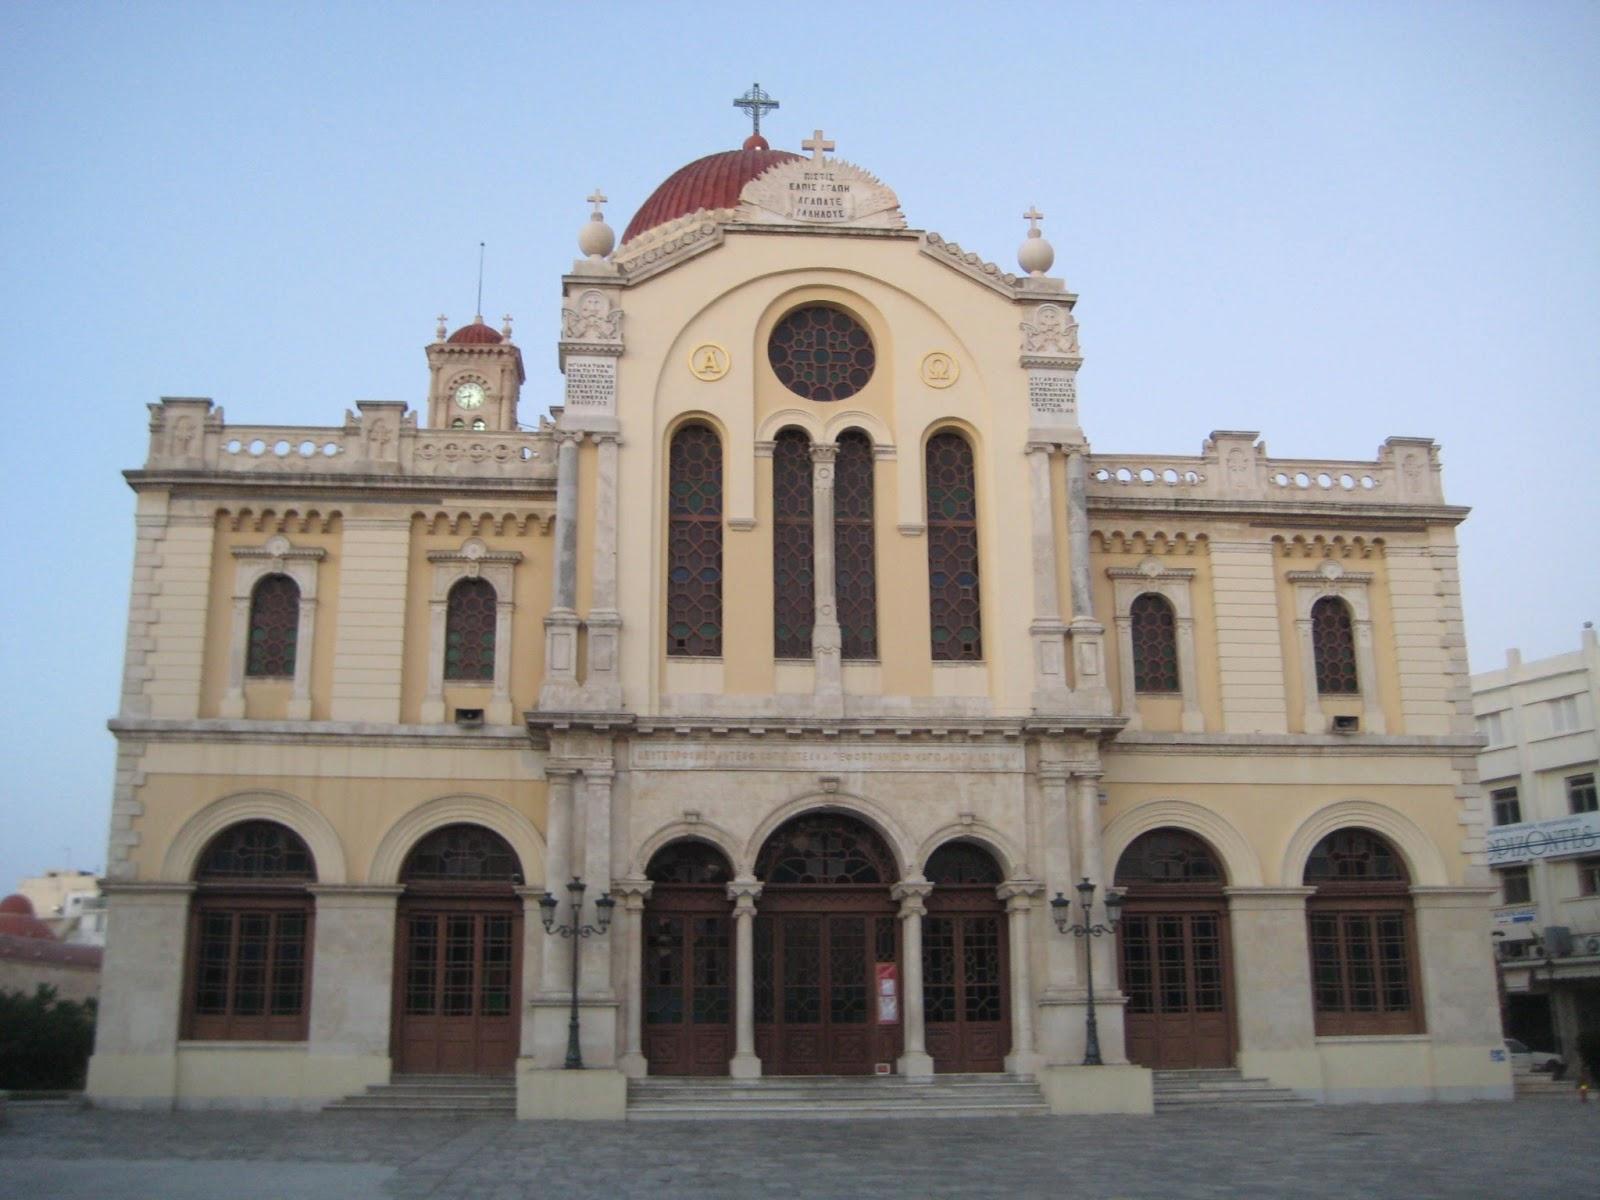 Crkva Agios Minas (Sveti Minas) u Irakliu (Heraklion)